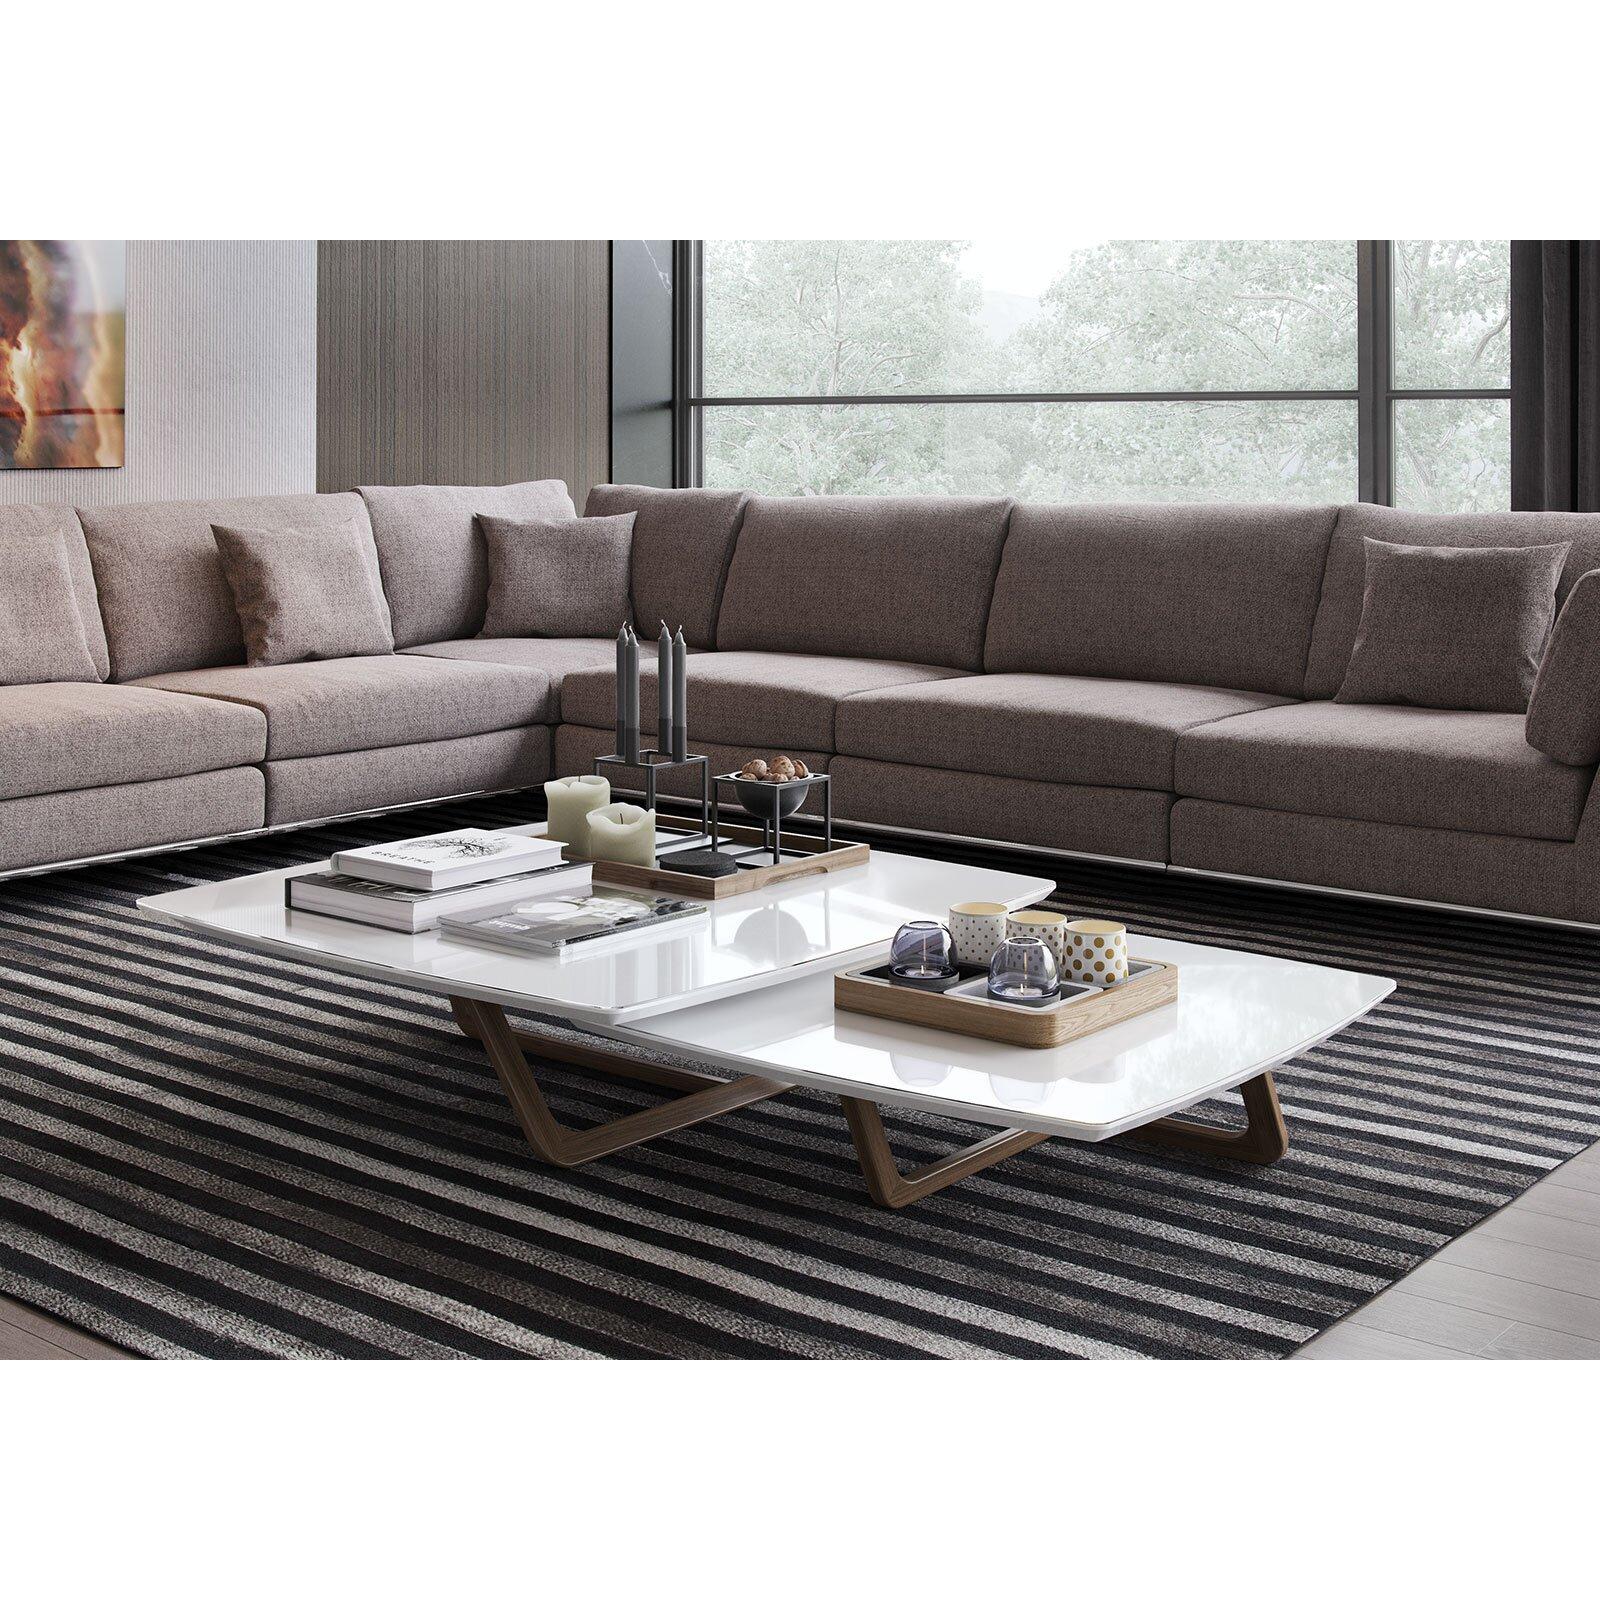 Sofa Belvedere Review Refil